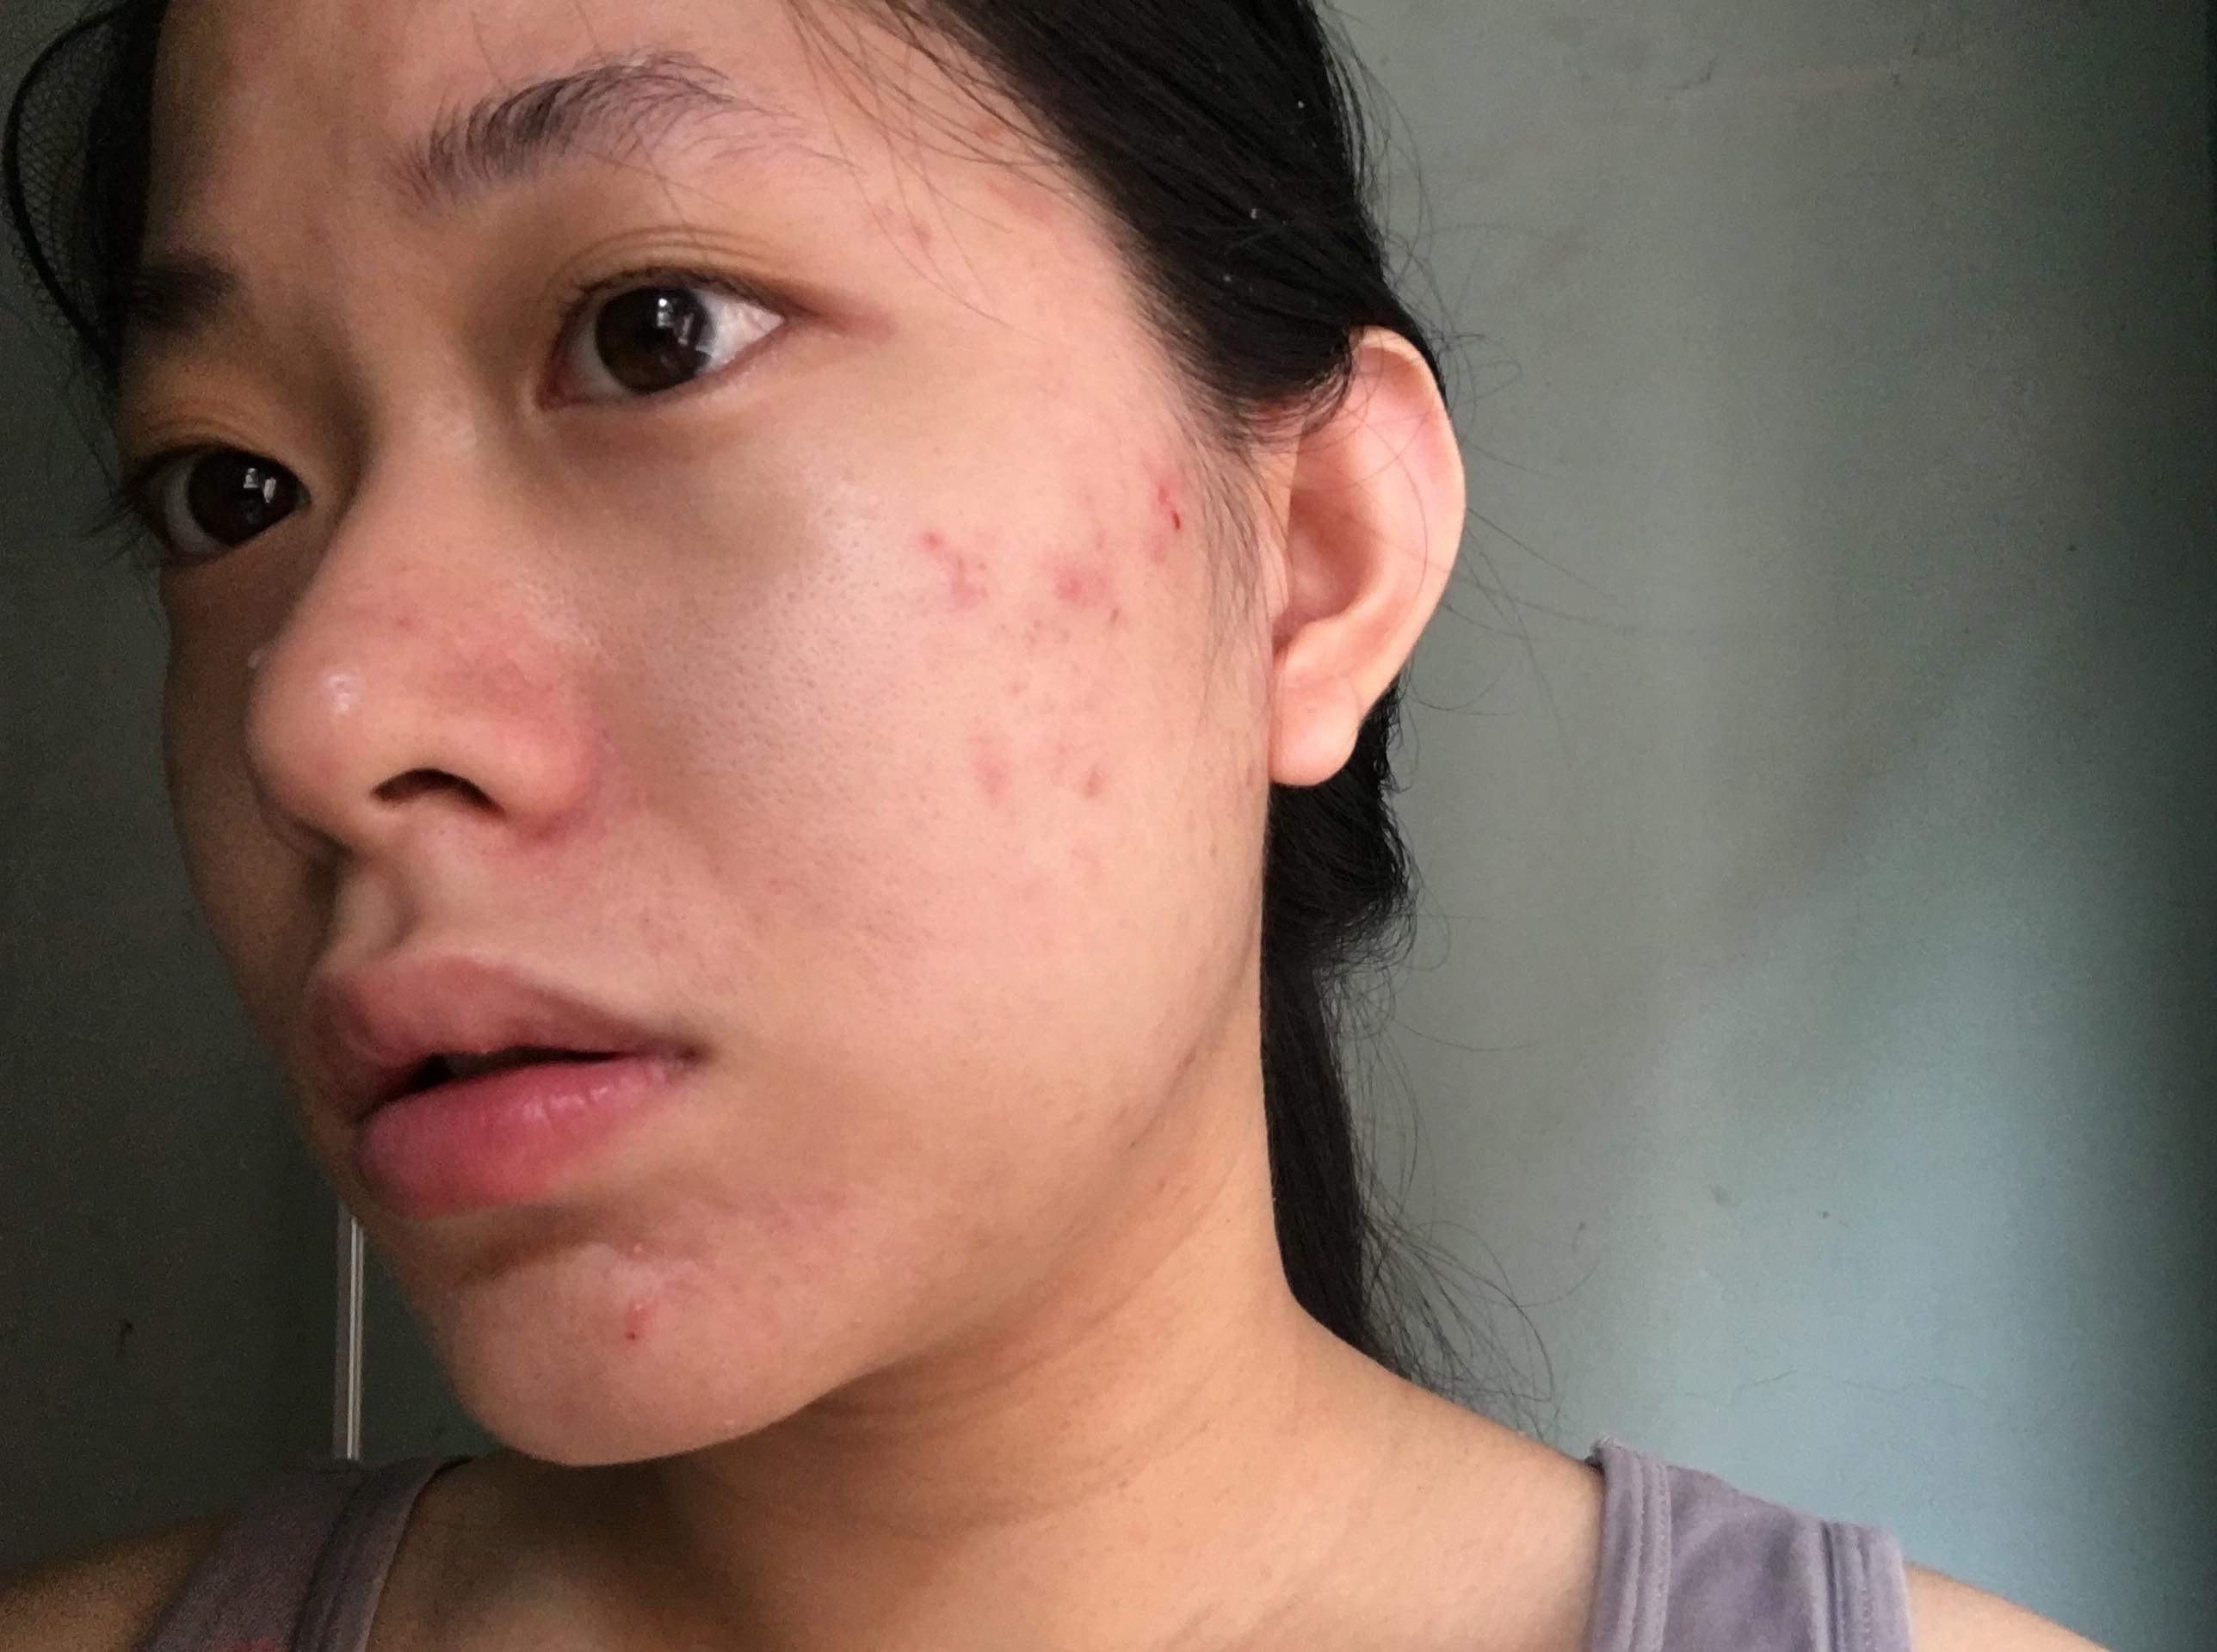 |Review| Mụn viêm được ngăn chặn, xẹp đi sau 7 ngày sử dụng Gel Mụn Sẹo Thâm ♡ Vietlife Skincare Nano ♡ 3